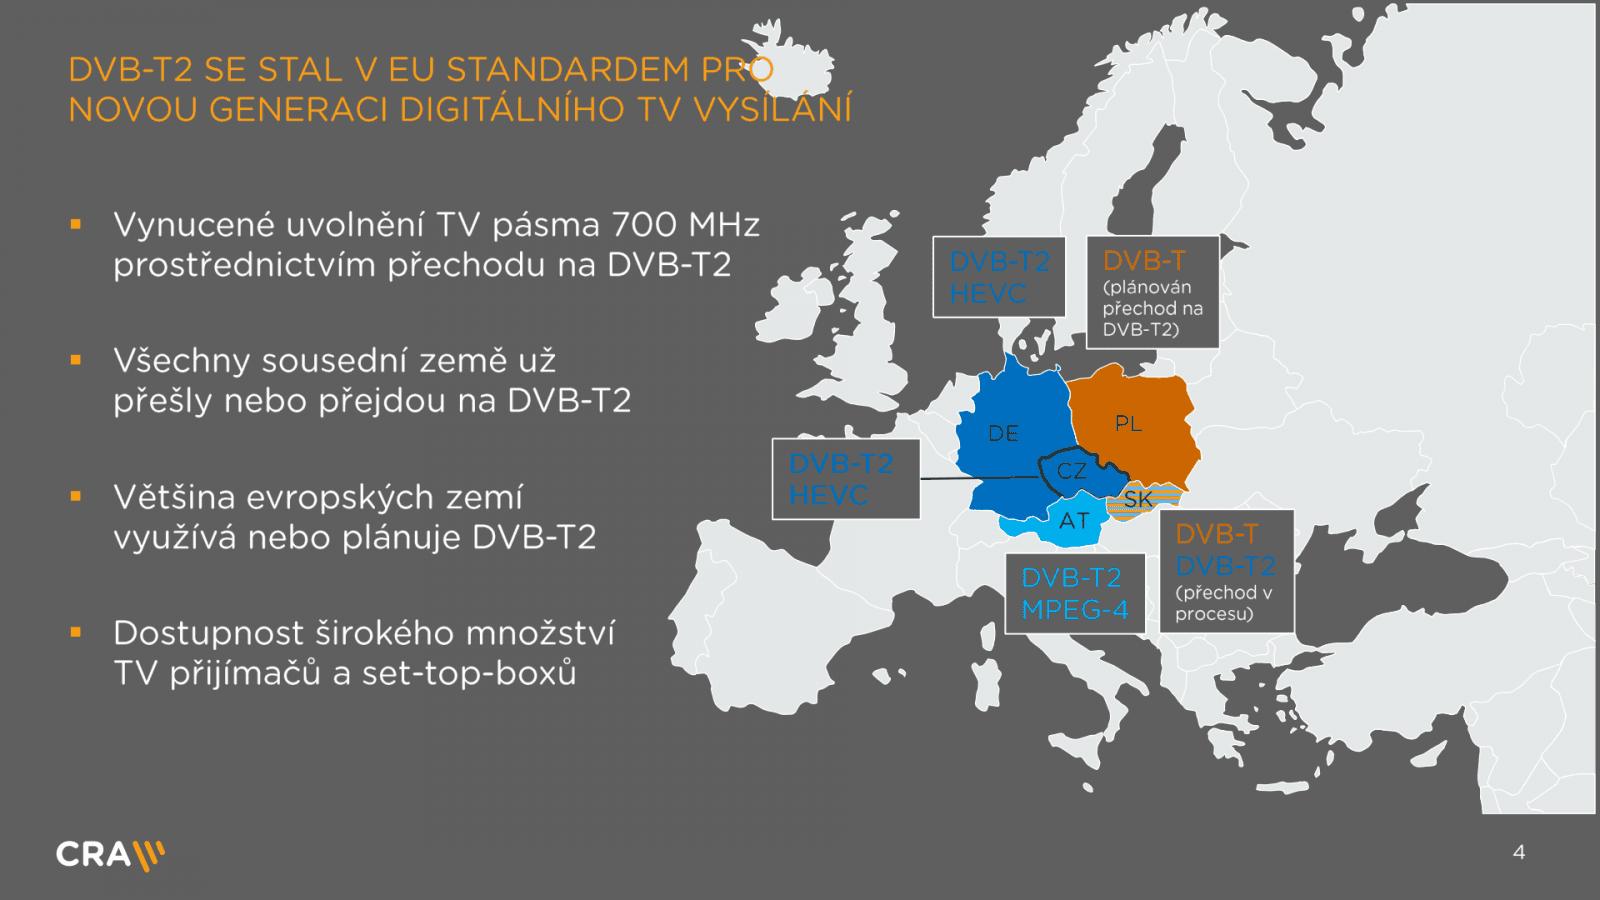 Přechod na DVB-T2 pohledem operátora